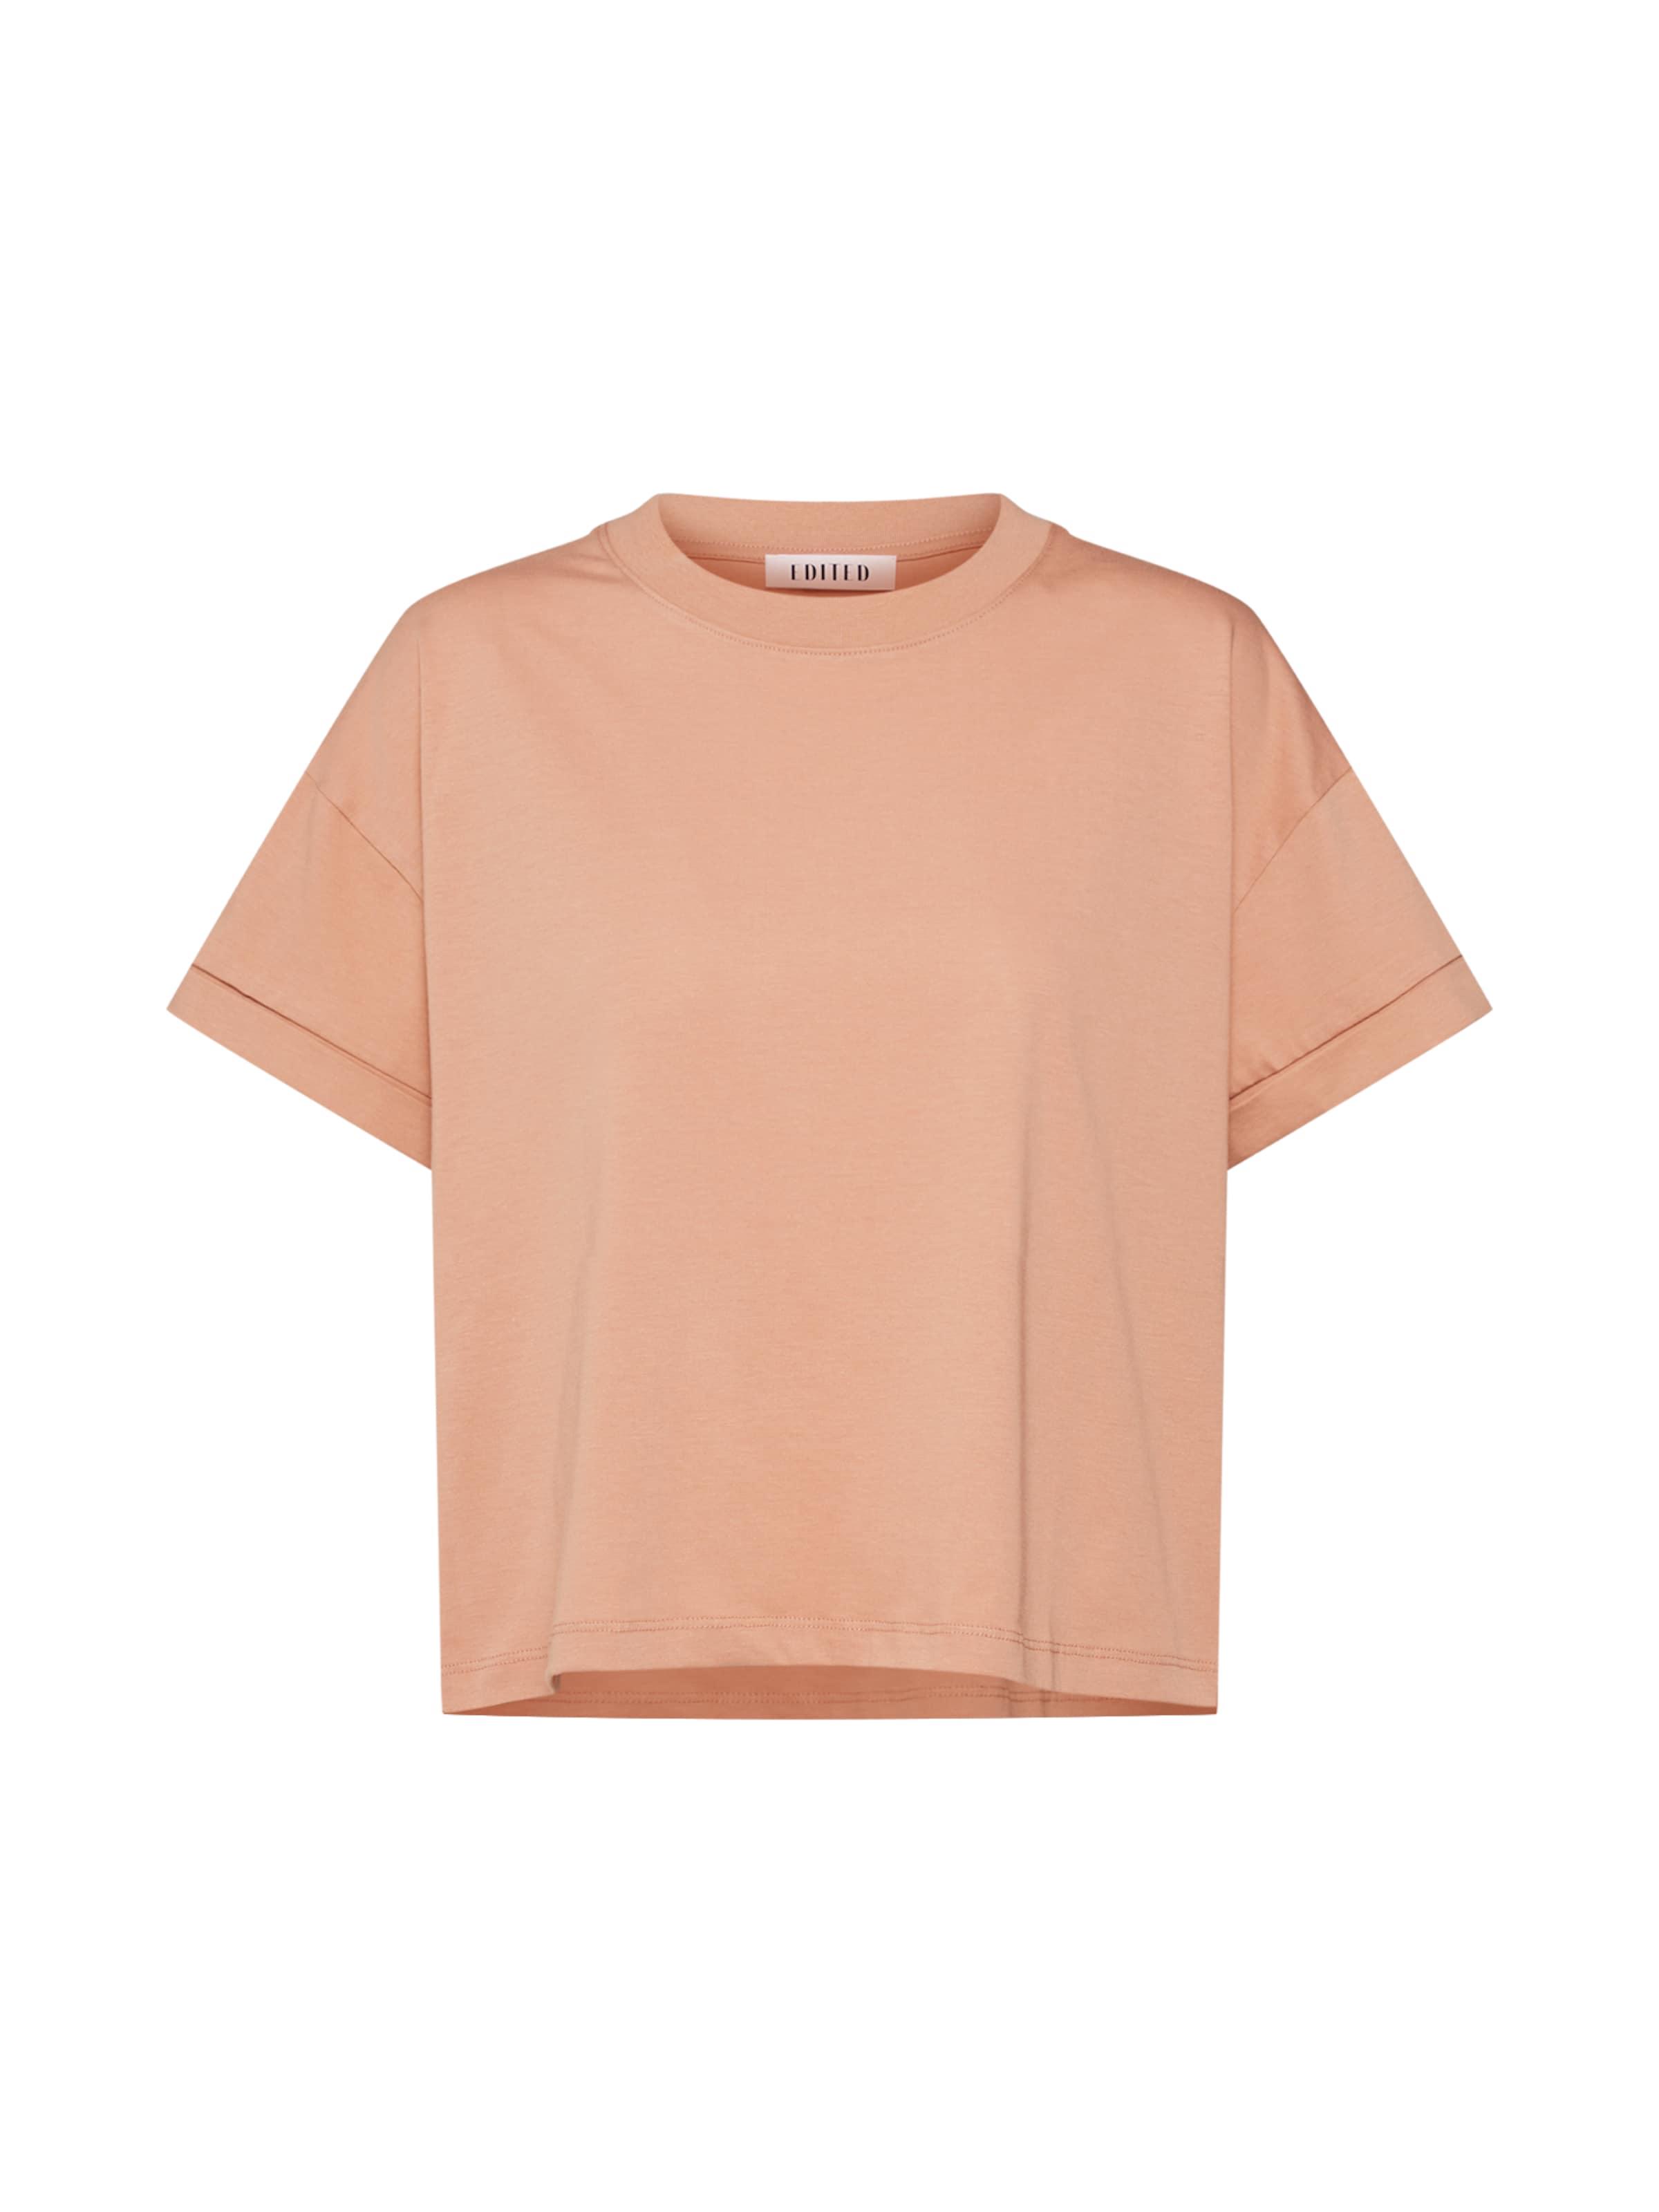 Braun Edited 'selena' T shirt In K5l1JuT3Fc